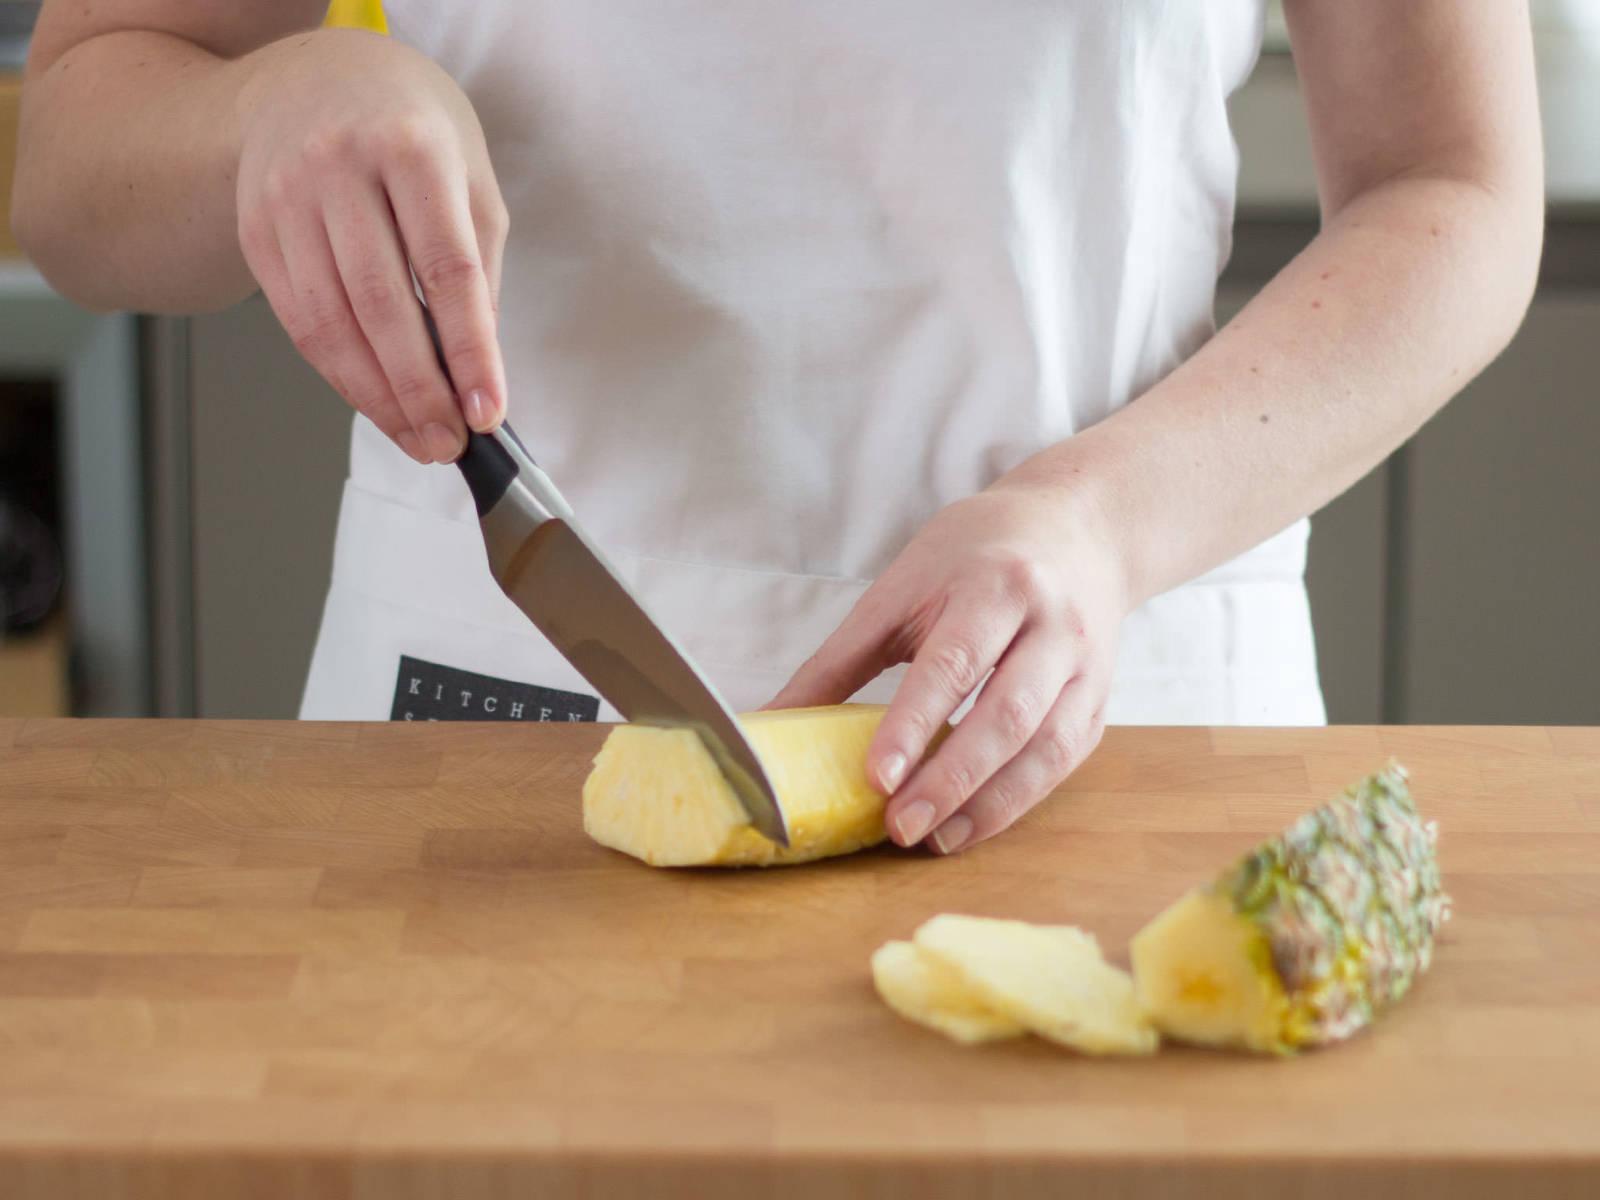 Eine Scheibe Ananas zum Garnieren für später abschneiden.